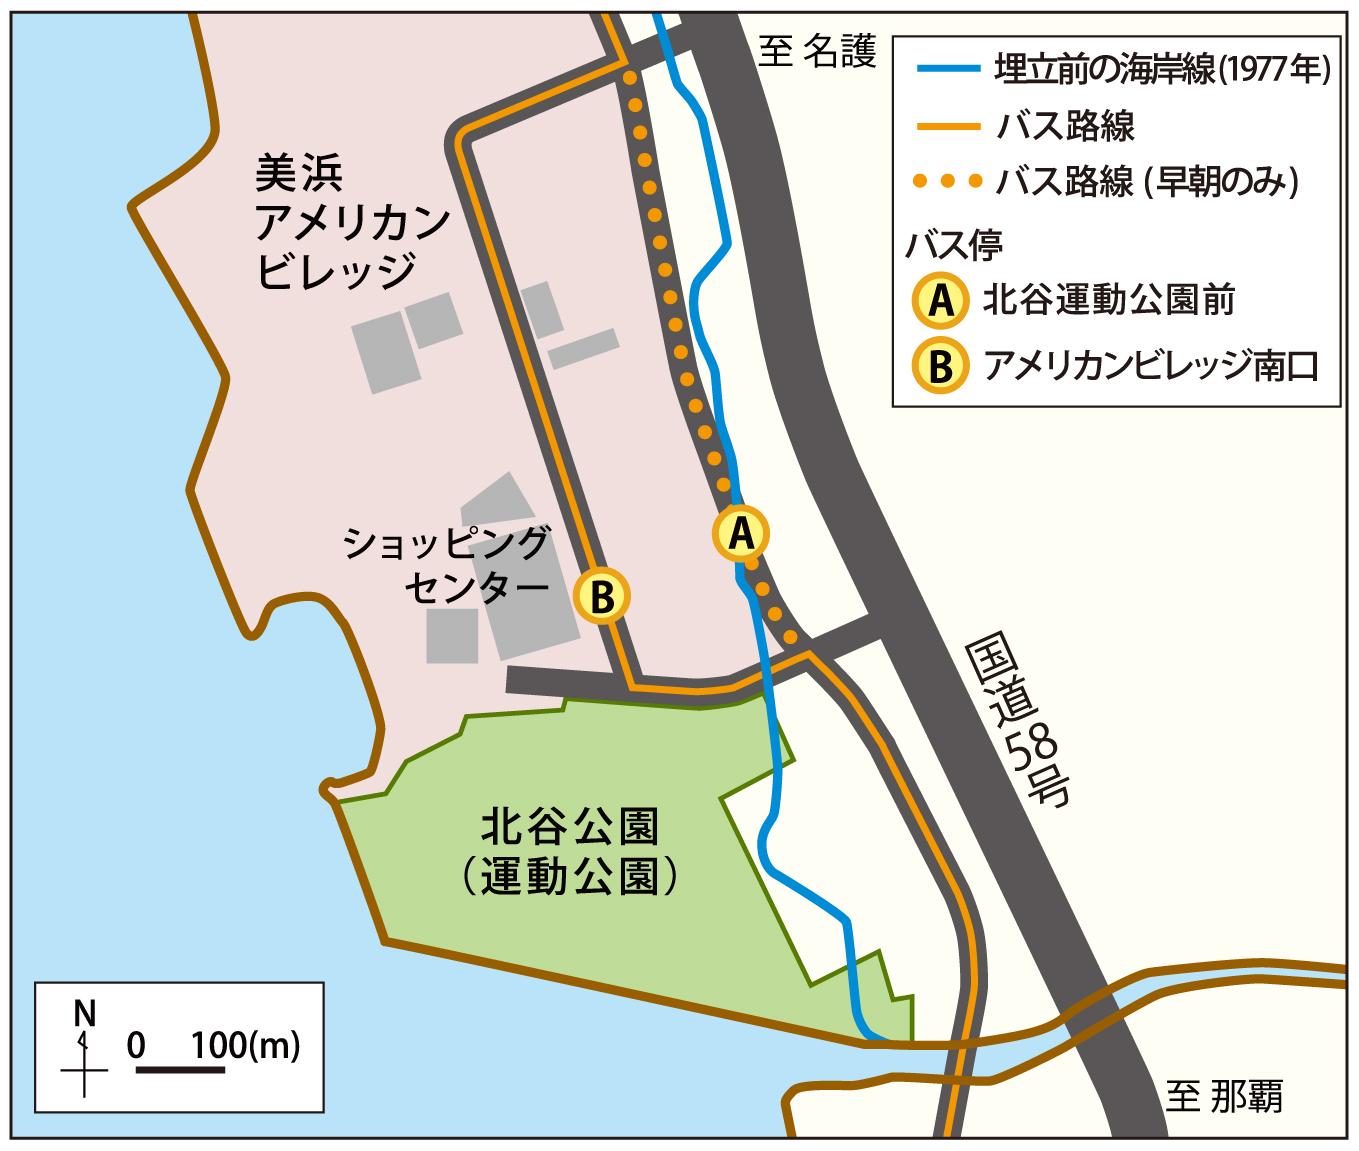 北谷運動公園前バス停周辺の地図